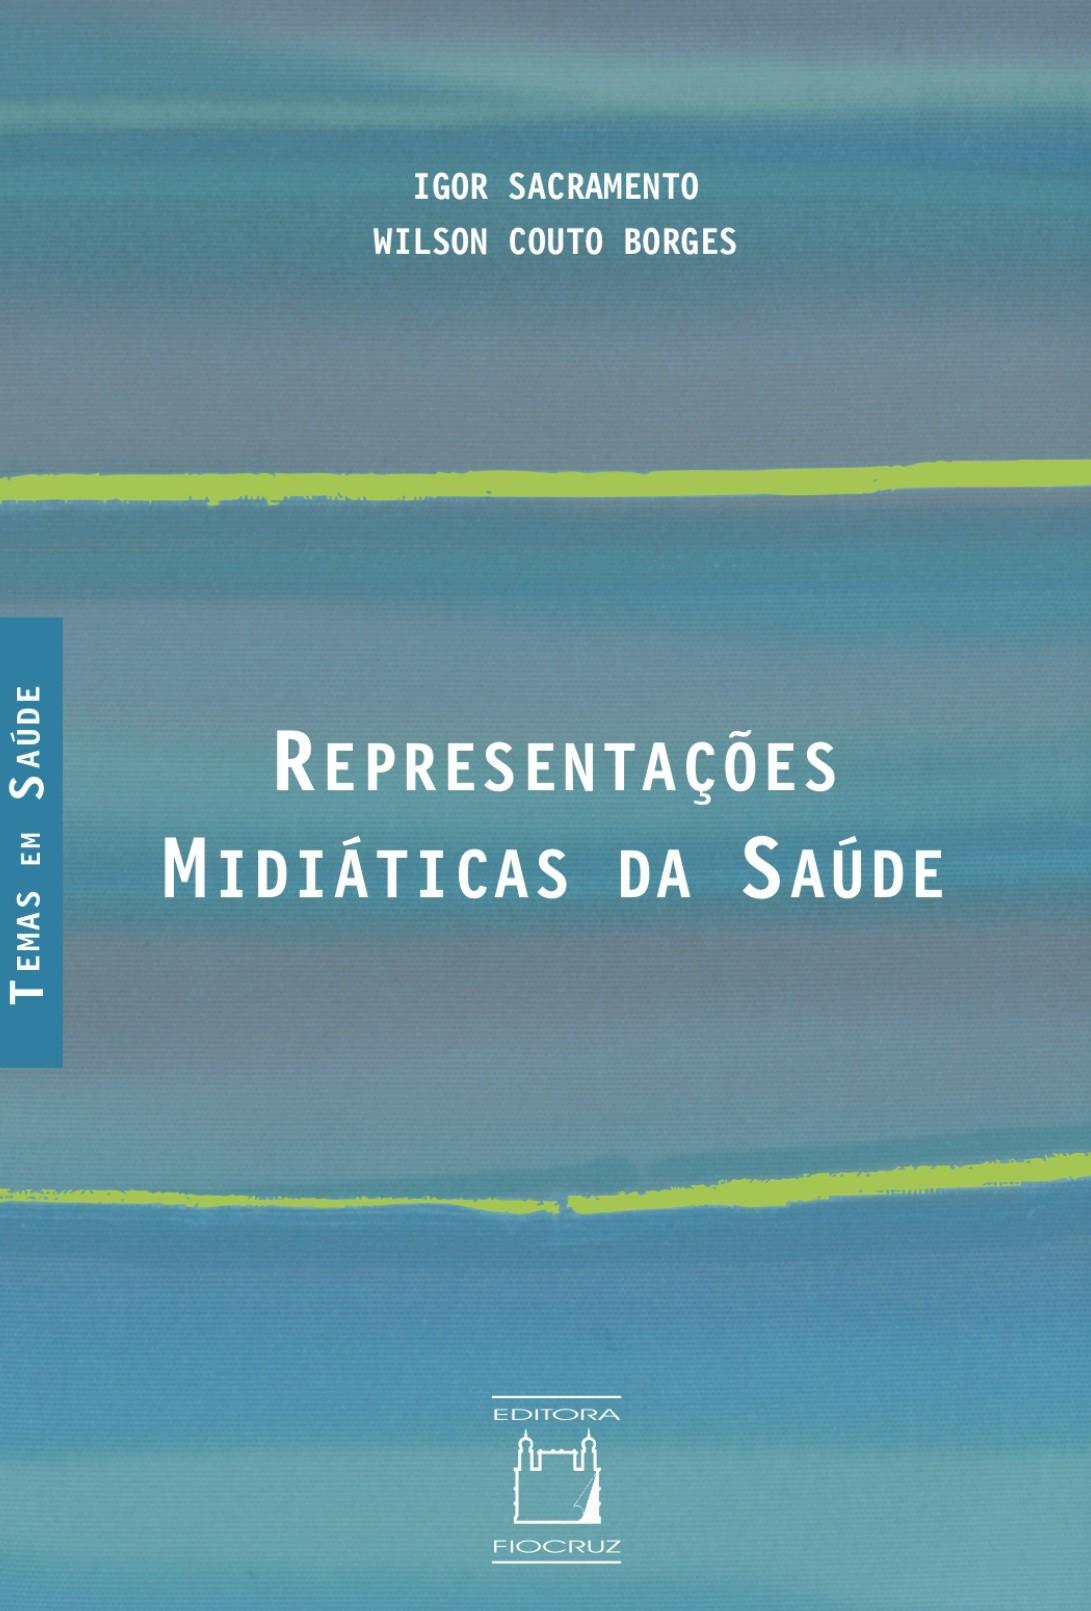 Representações Midiáticas da Saúde  - Livraria Virtual da Editora Fiocruz